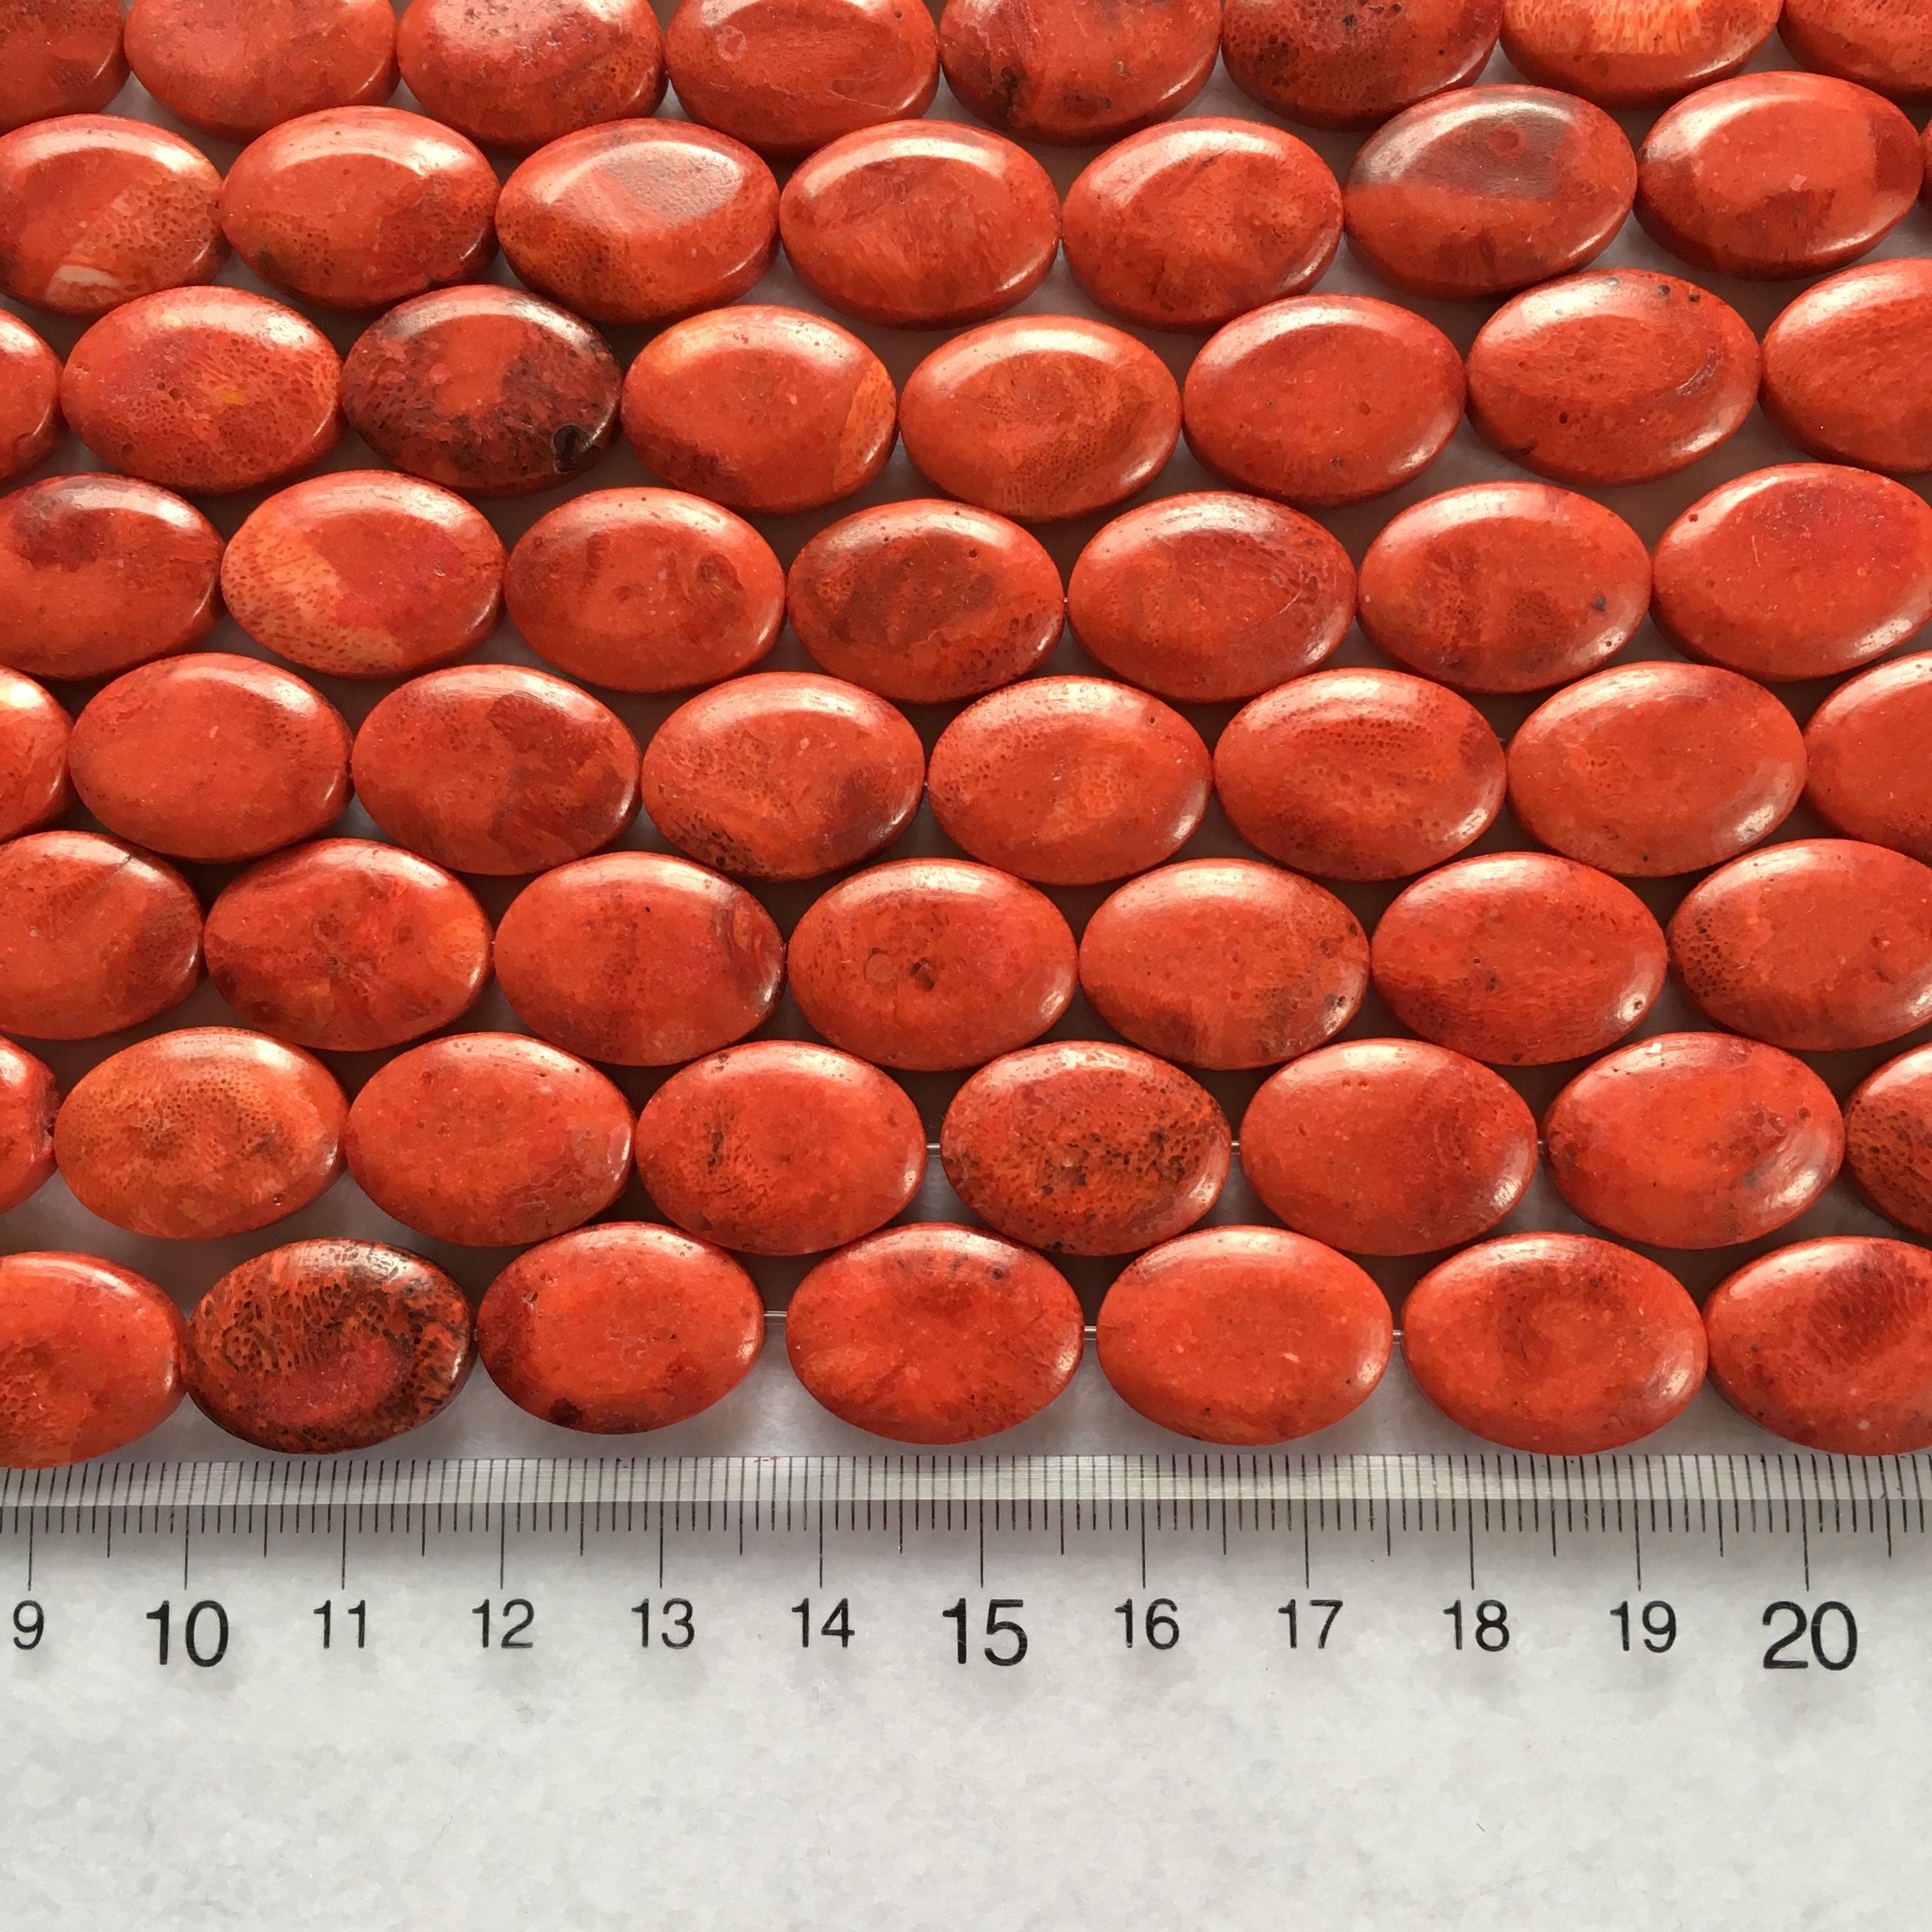 スポンジサンゴ オーバル型 約18x13mm 連材【190190】